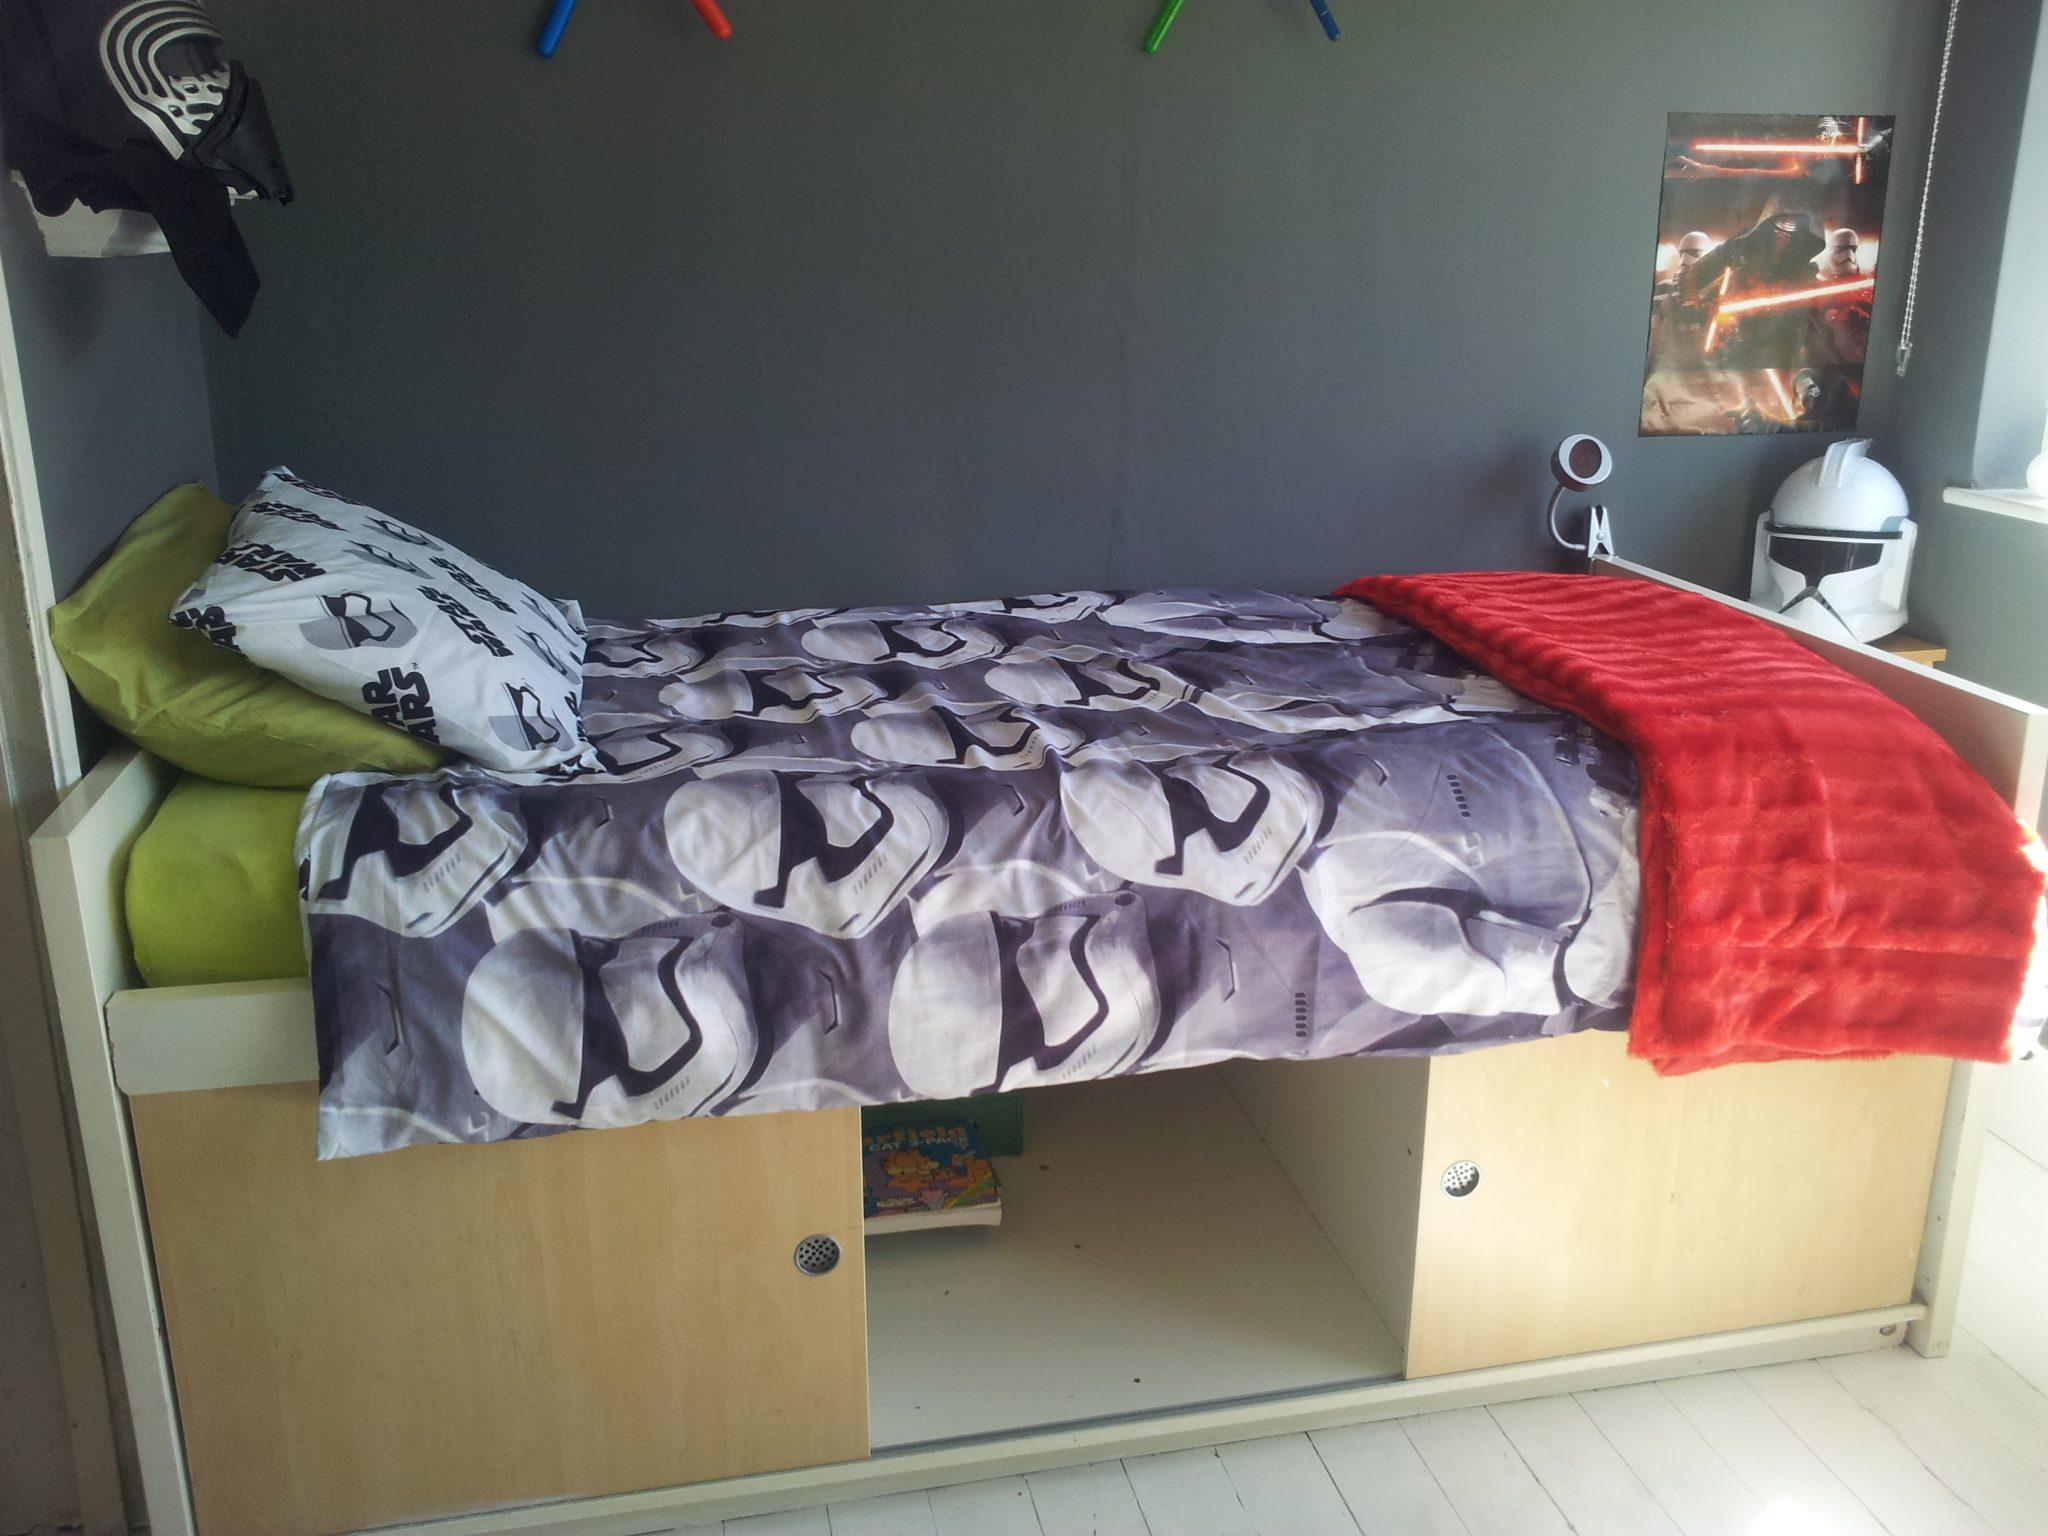 Star Wars Bedroom Makeover - Star Wars bed